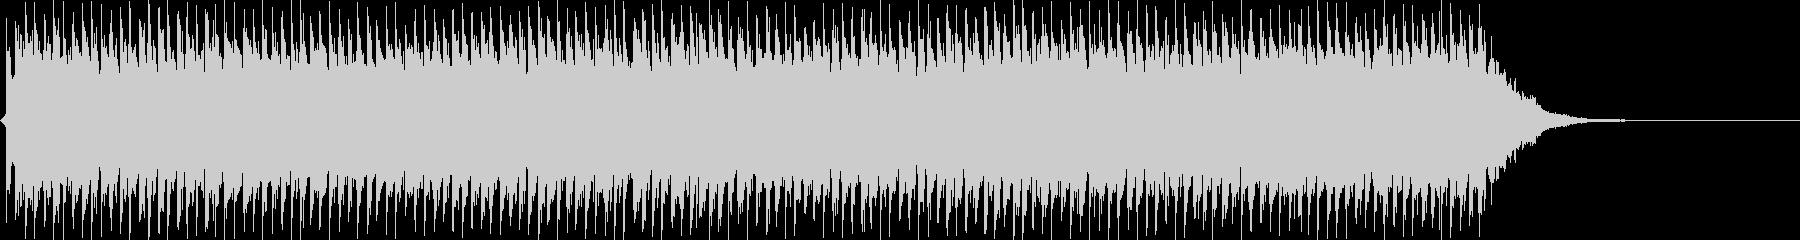 目覚まし時計 アラーム ベル 1の未再生の波形